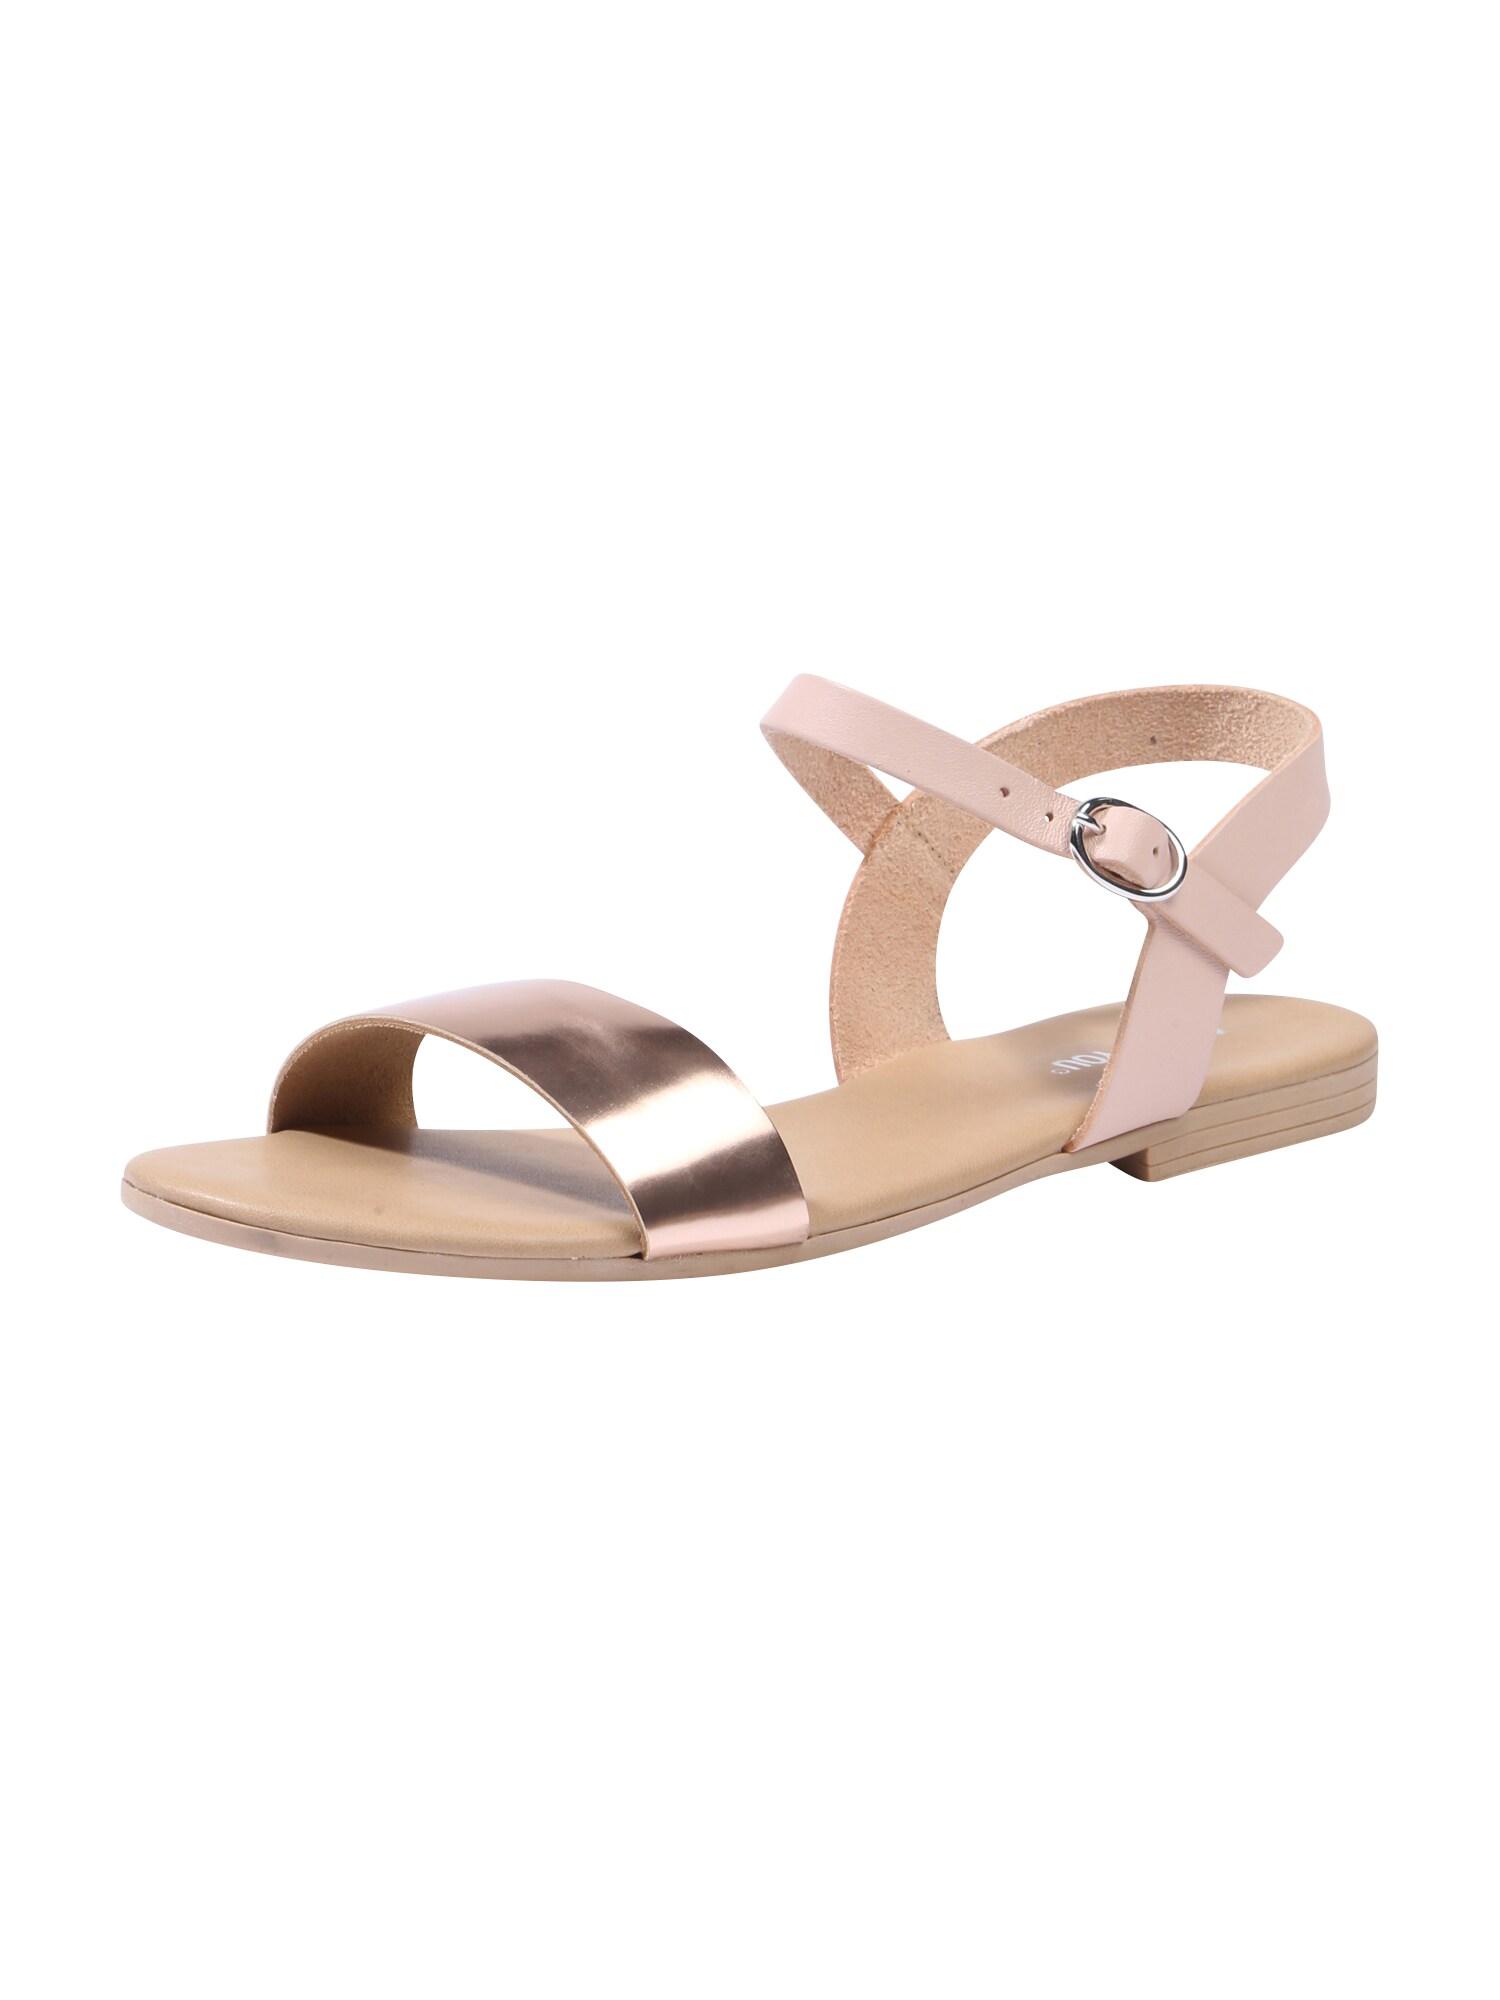 Páskové sandály JENNIFER růžově zlatá ABOUT YOU